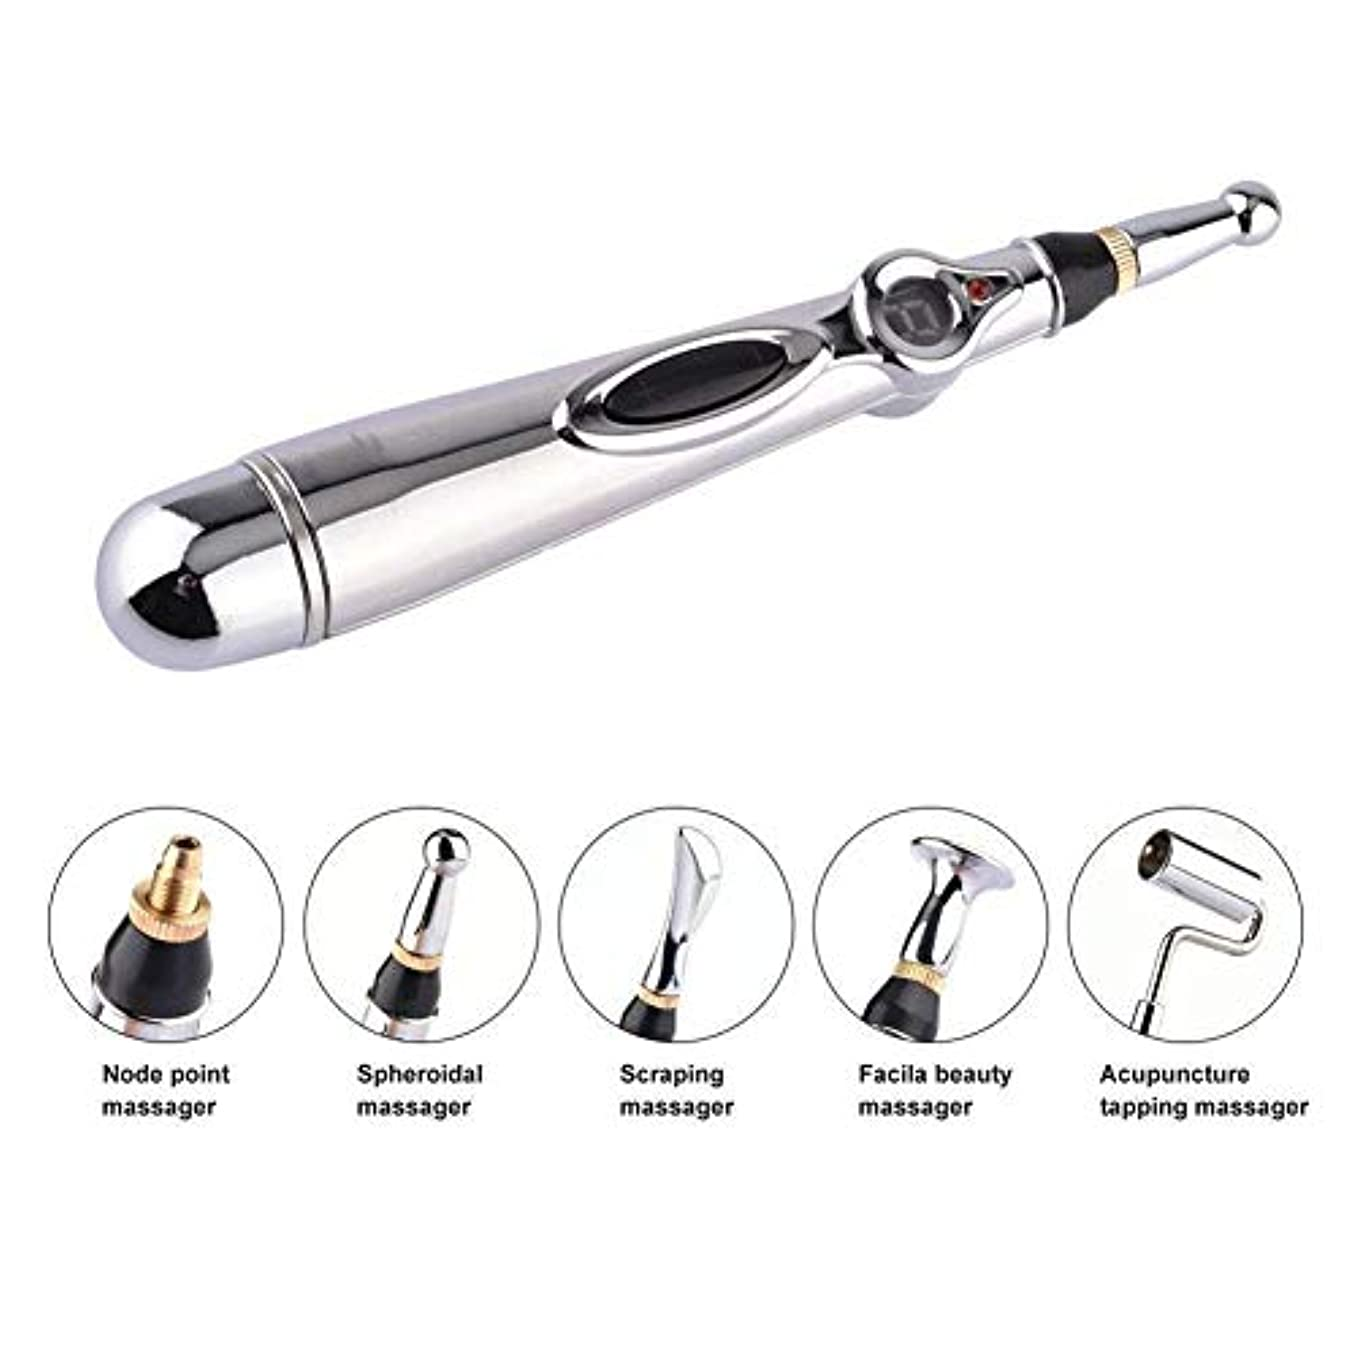 おじさん恩赦登場5-in-1電子鍼ペンMeridian Energy Pen Massager 5マッサージヘッド指圧マッサージで体の痛みを軽減